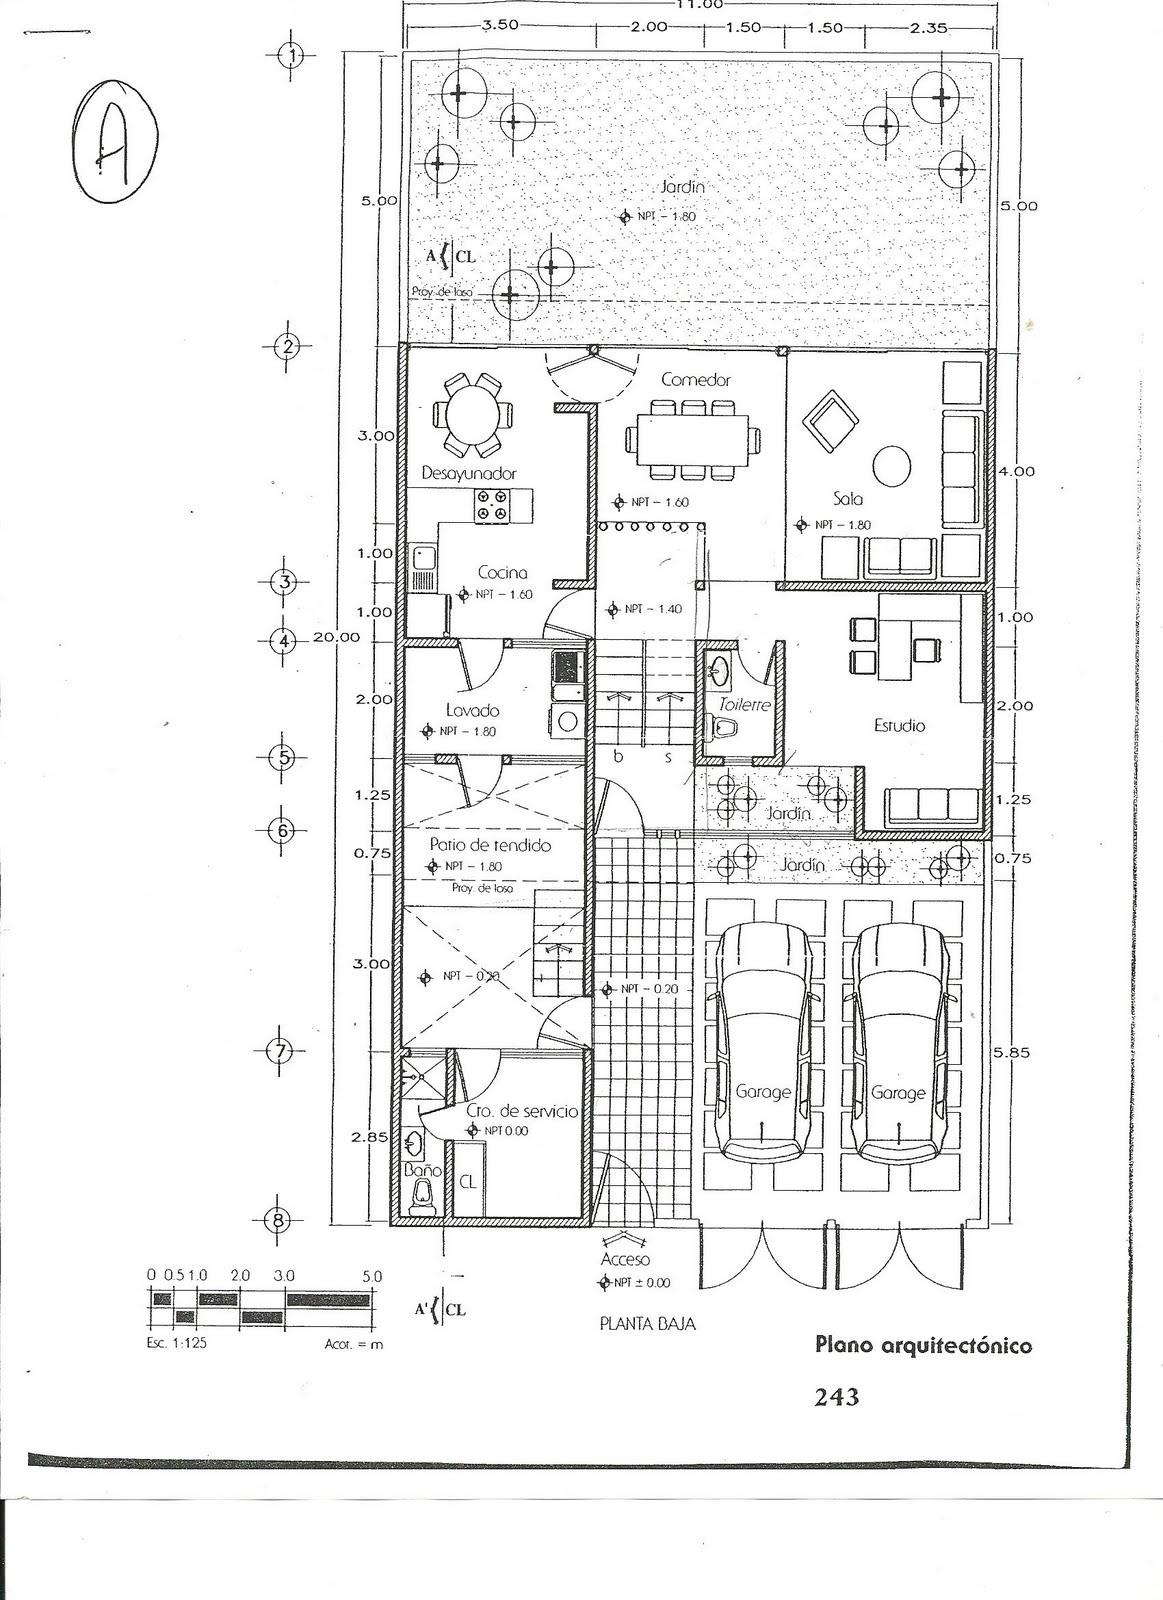 Nolasco medrano juan eduardo 5iv05 septiembre 2011 for Dimensiones arquitectonicas